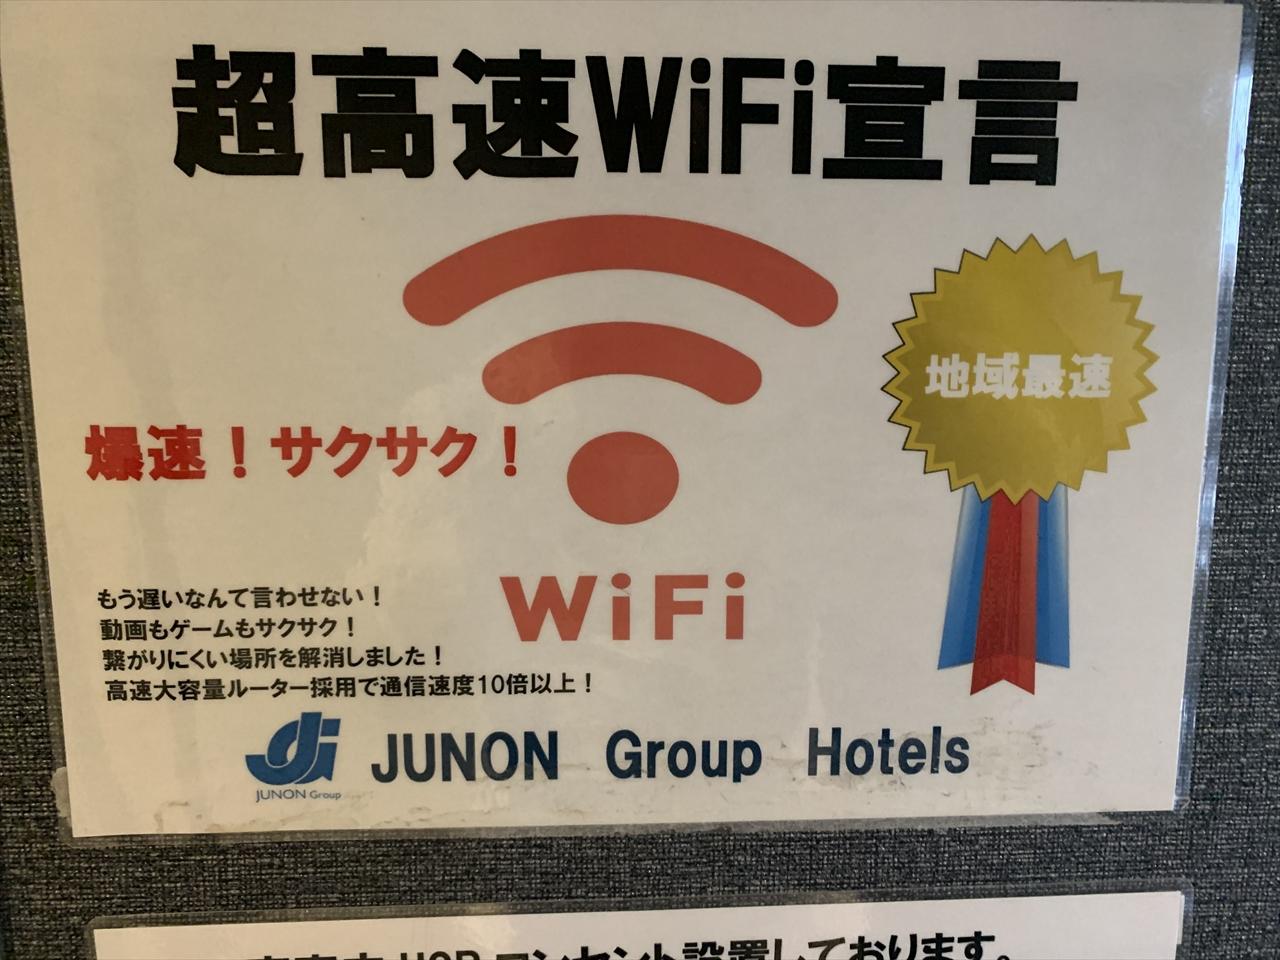 ホテルサンプラザの部屋とWifi